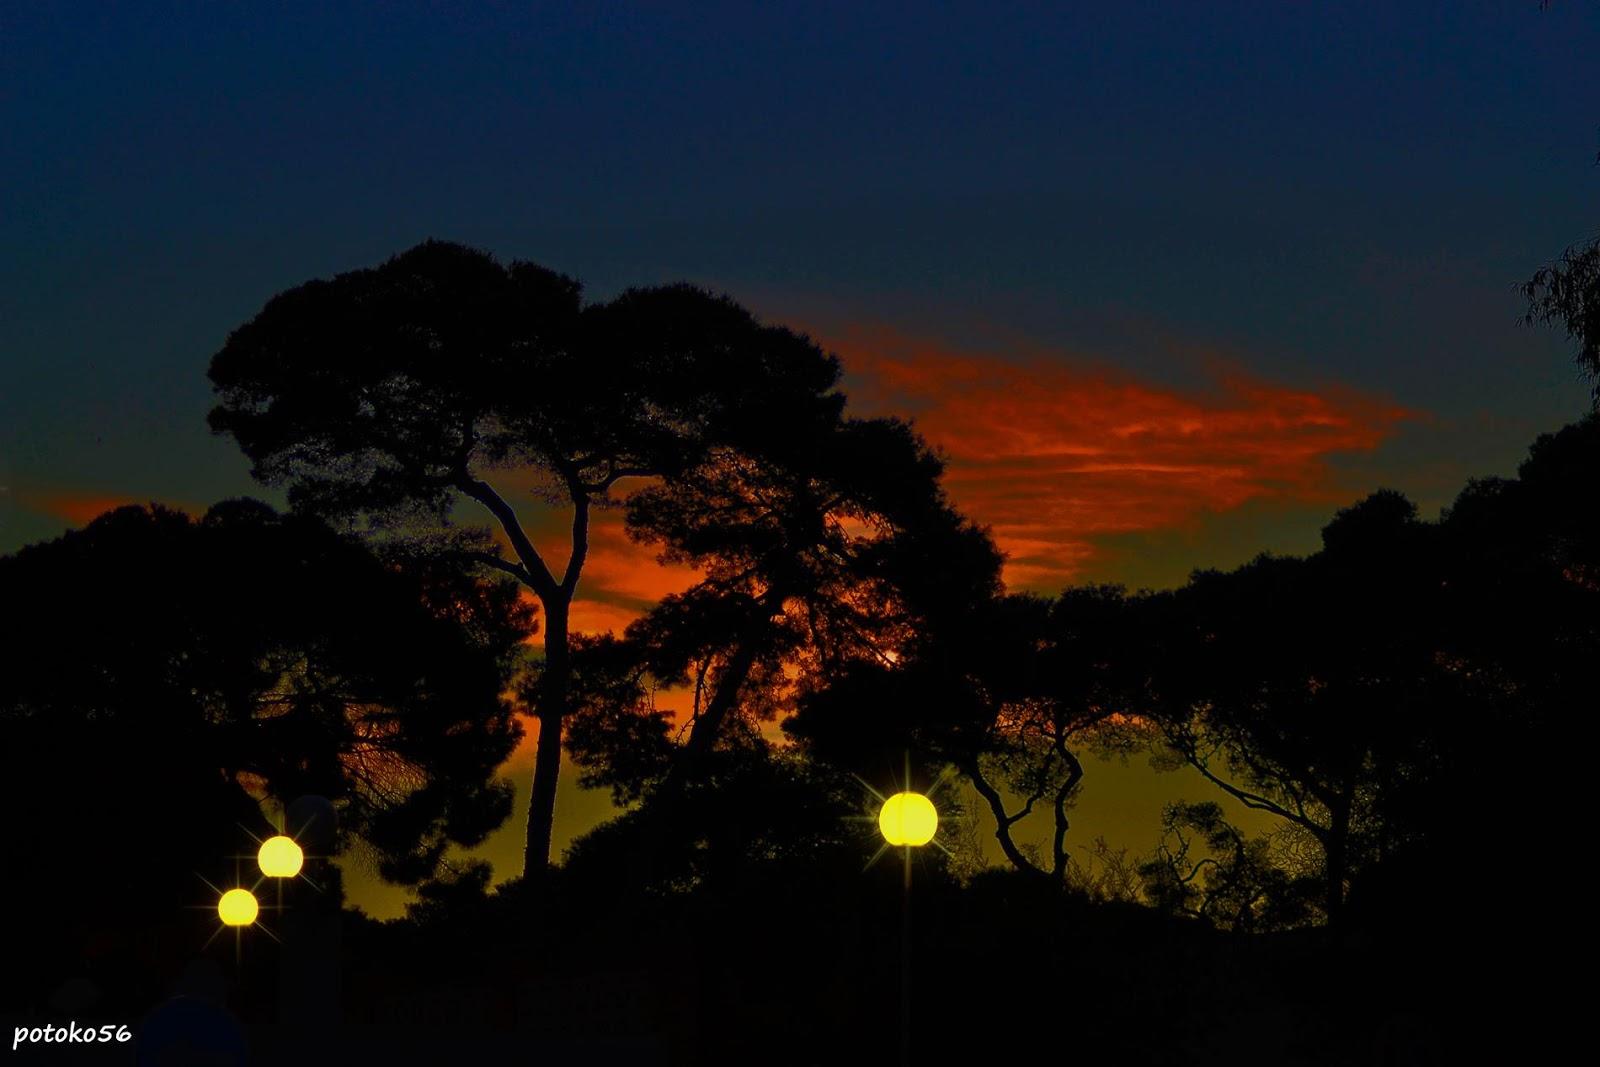 Playa del Chorrillo, Los Pinares, Rota, Cadiz, Vista nocturna, Fotografía de árboles